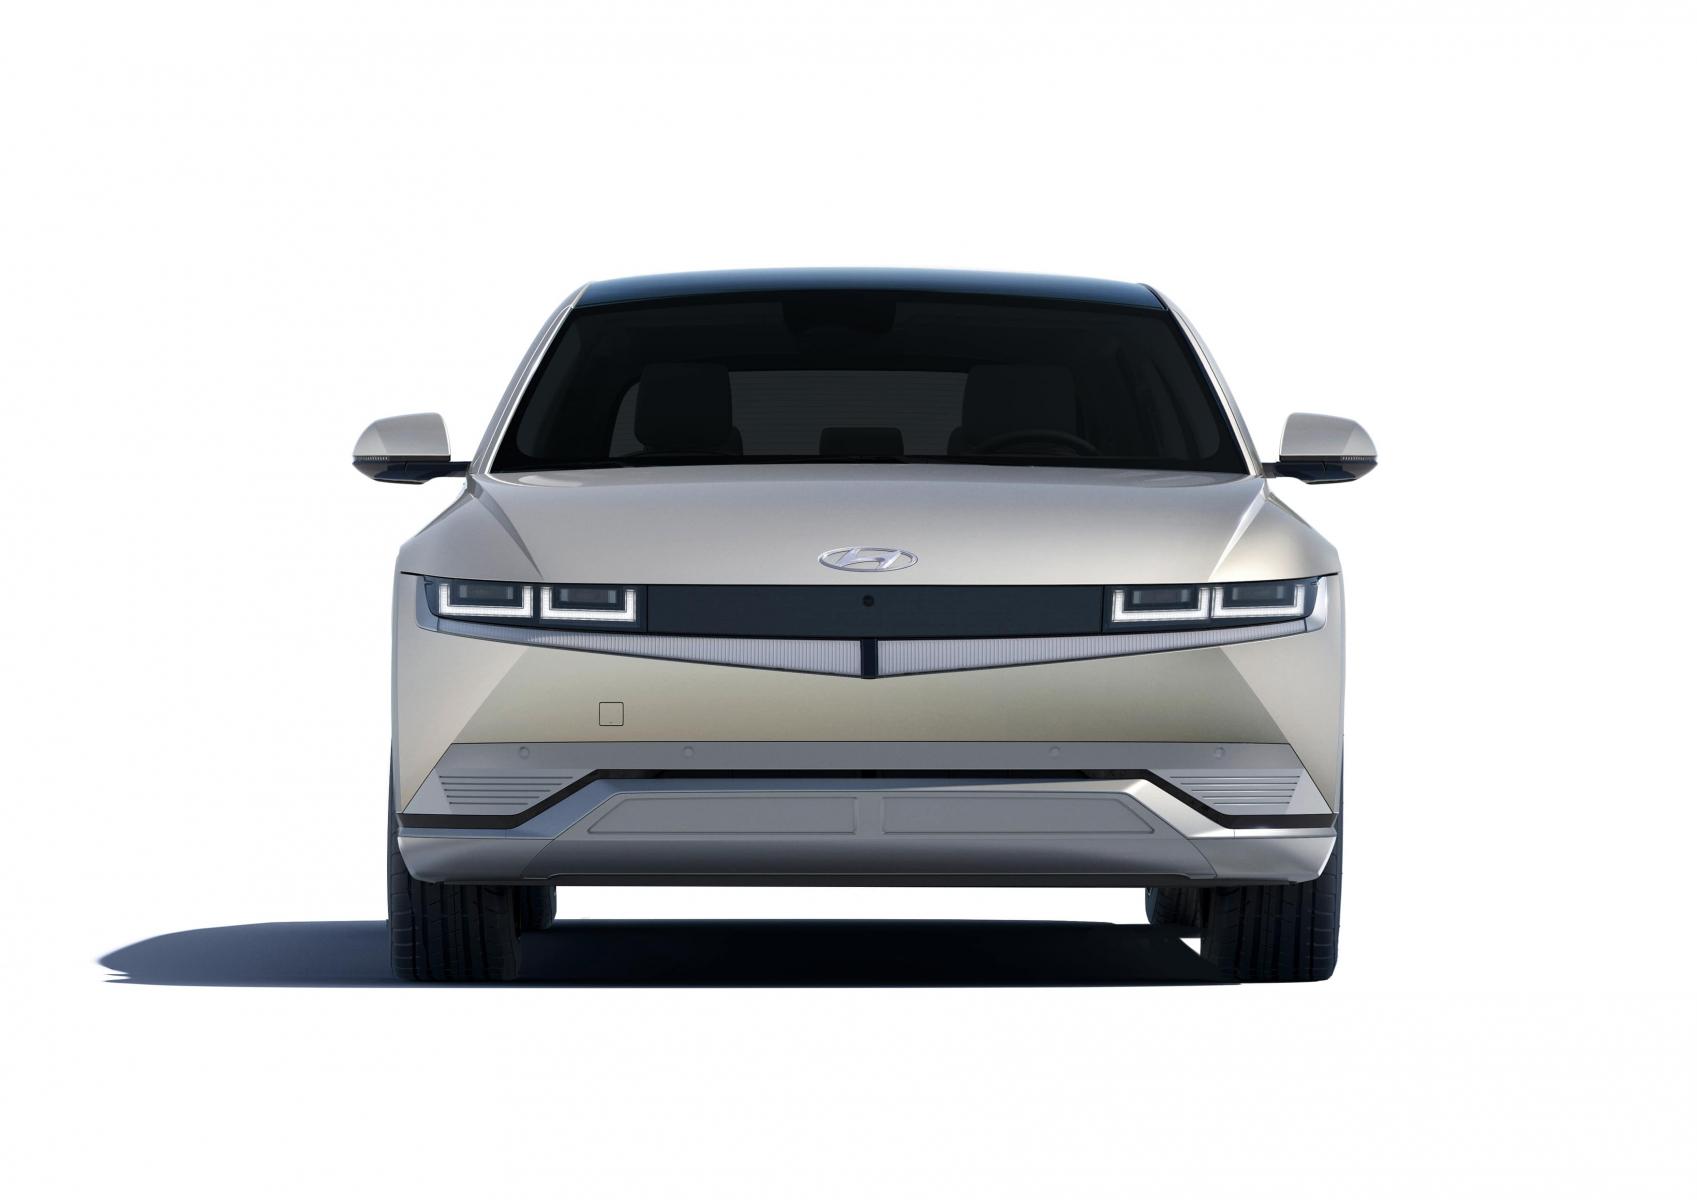 Hyundai IONIQ 5 переосмислює спосіб життя з електричною мобільністю   Техноцентр «Навигатор» - фото 11